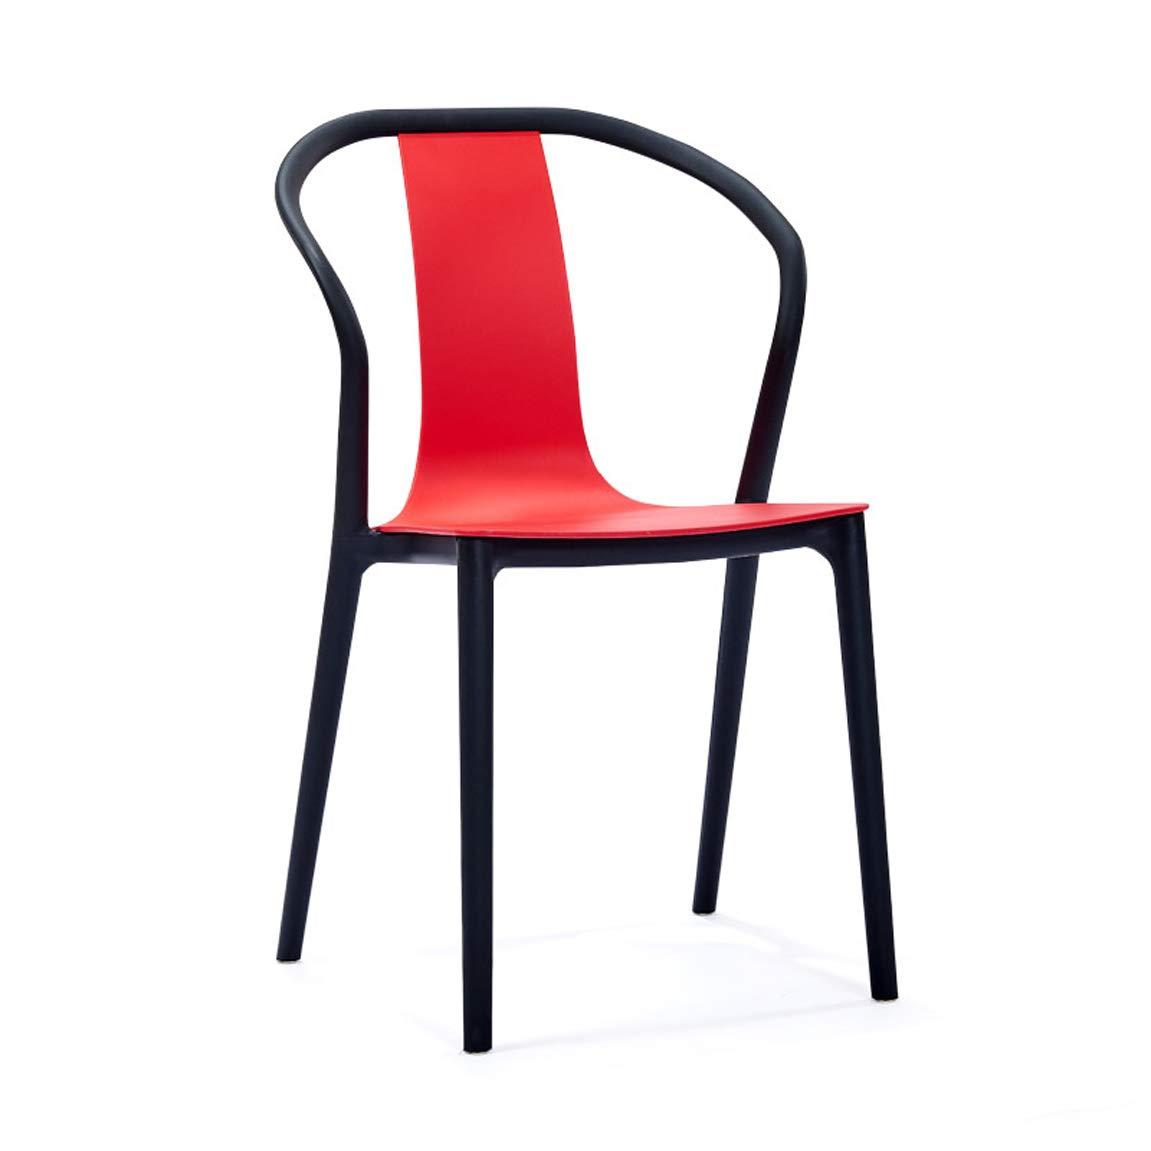 JJJJD 現代的なミニマリストの椅子アームレストダイニングチェア北欧の家庭のカジュアルファッションシンプルなプラスチック製の椅子 (Color : Red) B07SJ3NCFV Red